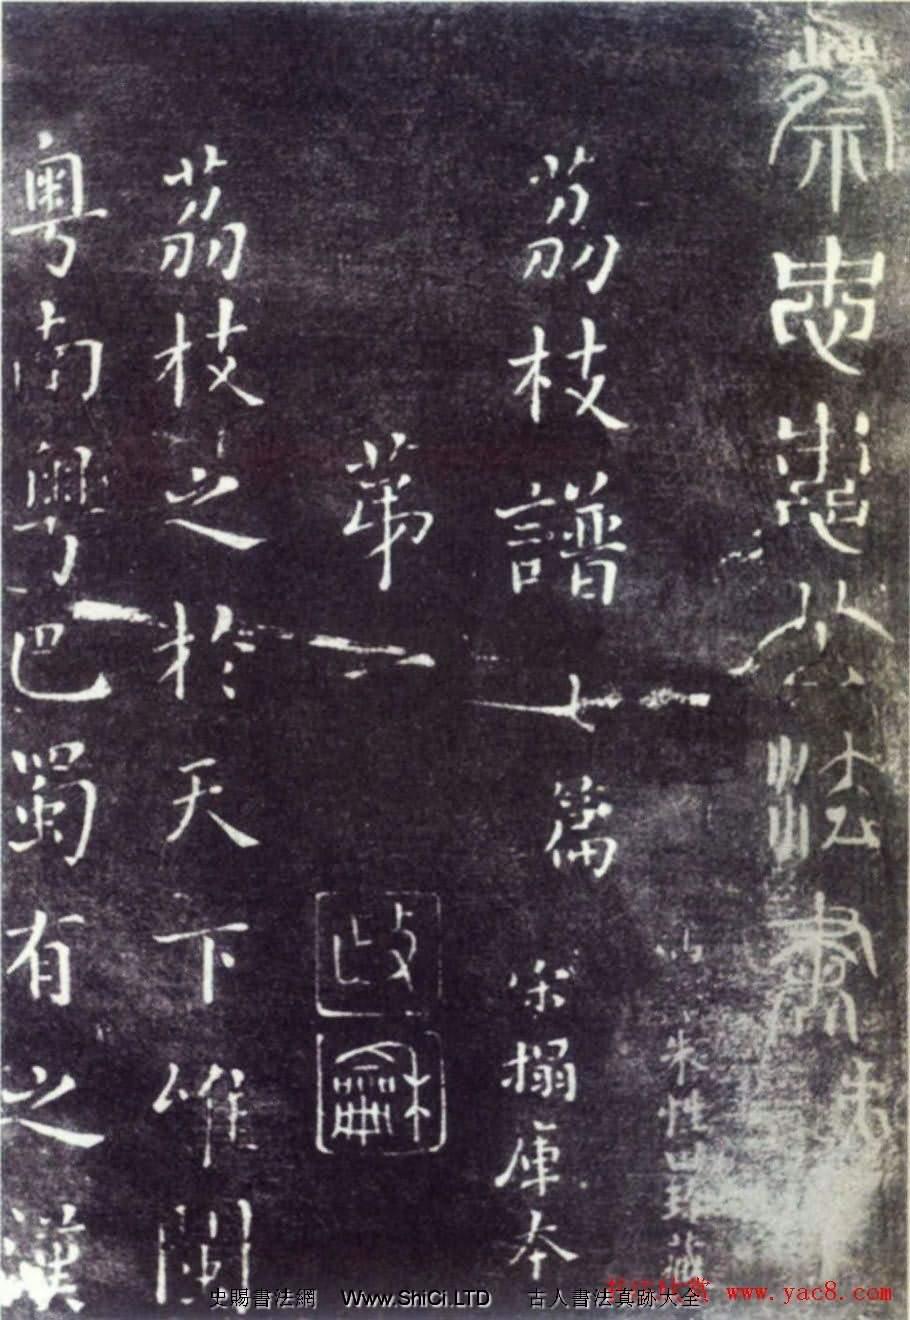 蔡襄楷書作品真跡《荔枝譜》拓本(共8張圖片)